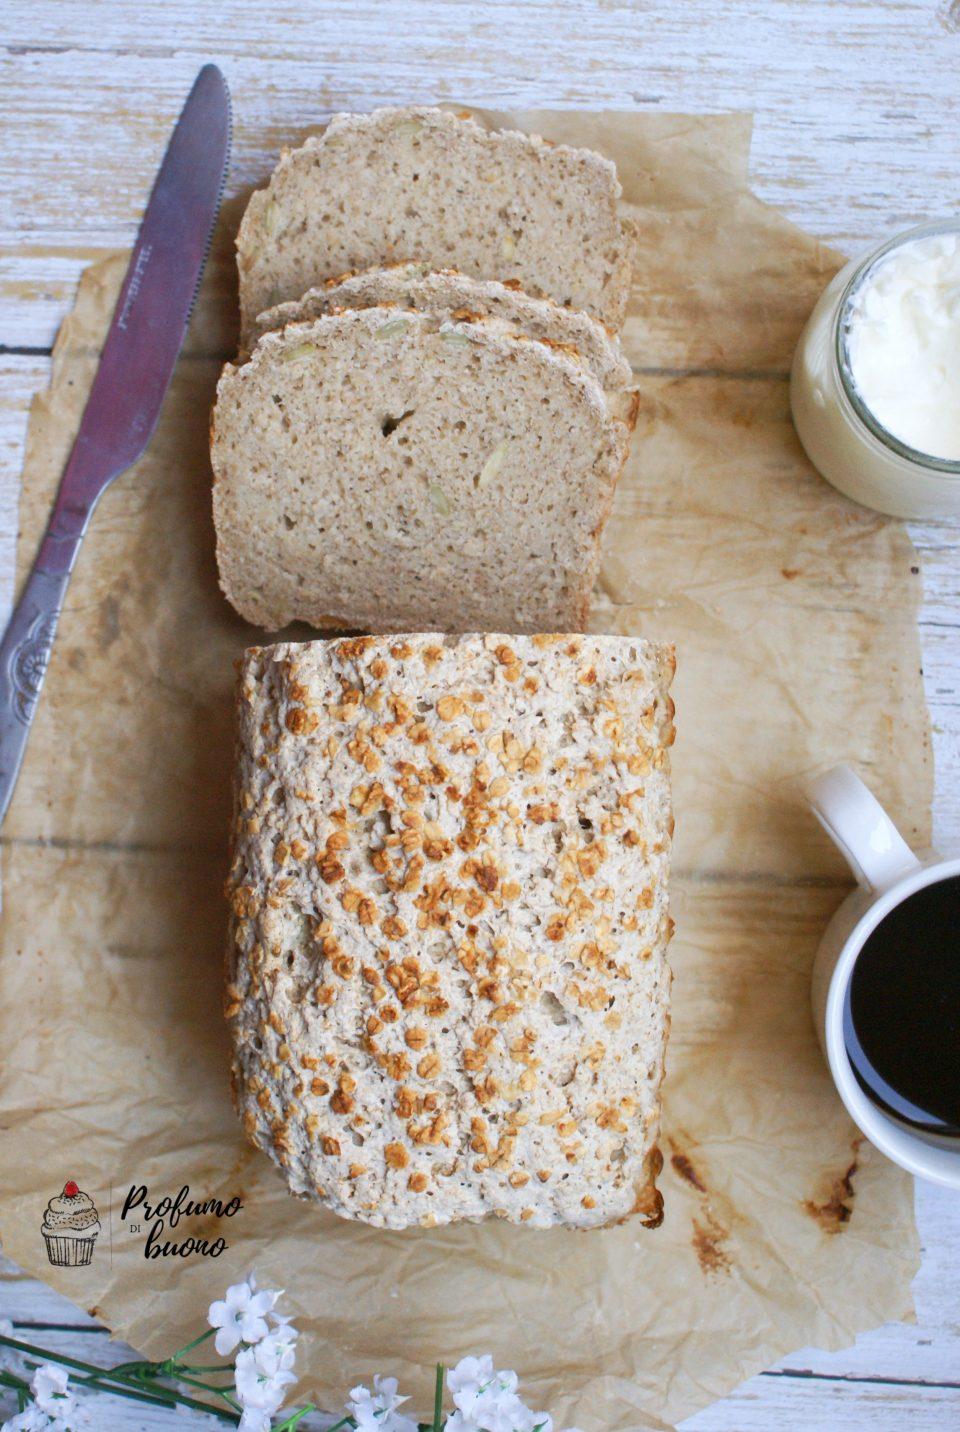 Pane senza glutine con farina di avena e fiocchi di avena in superficie